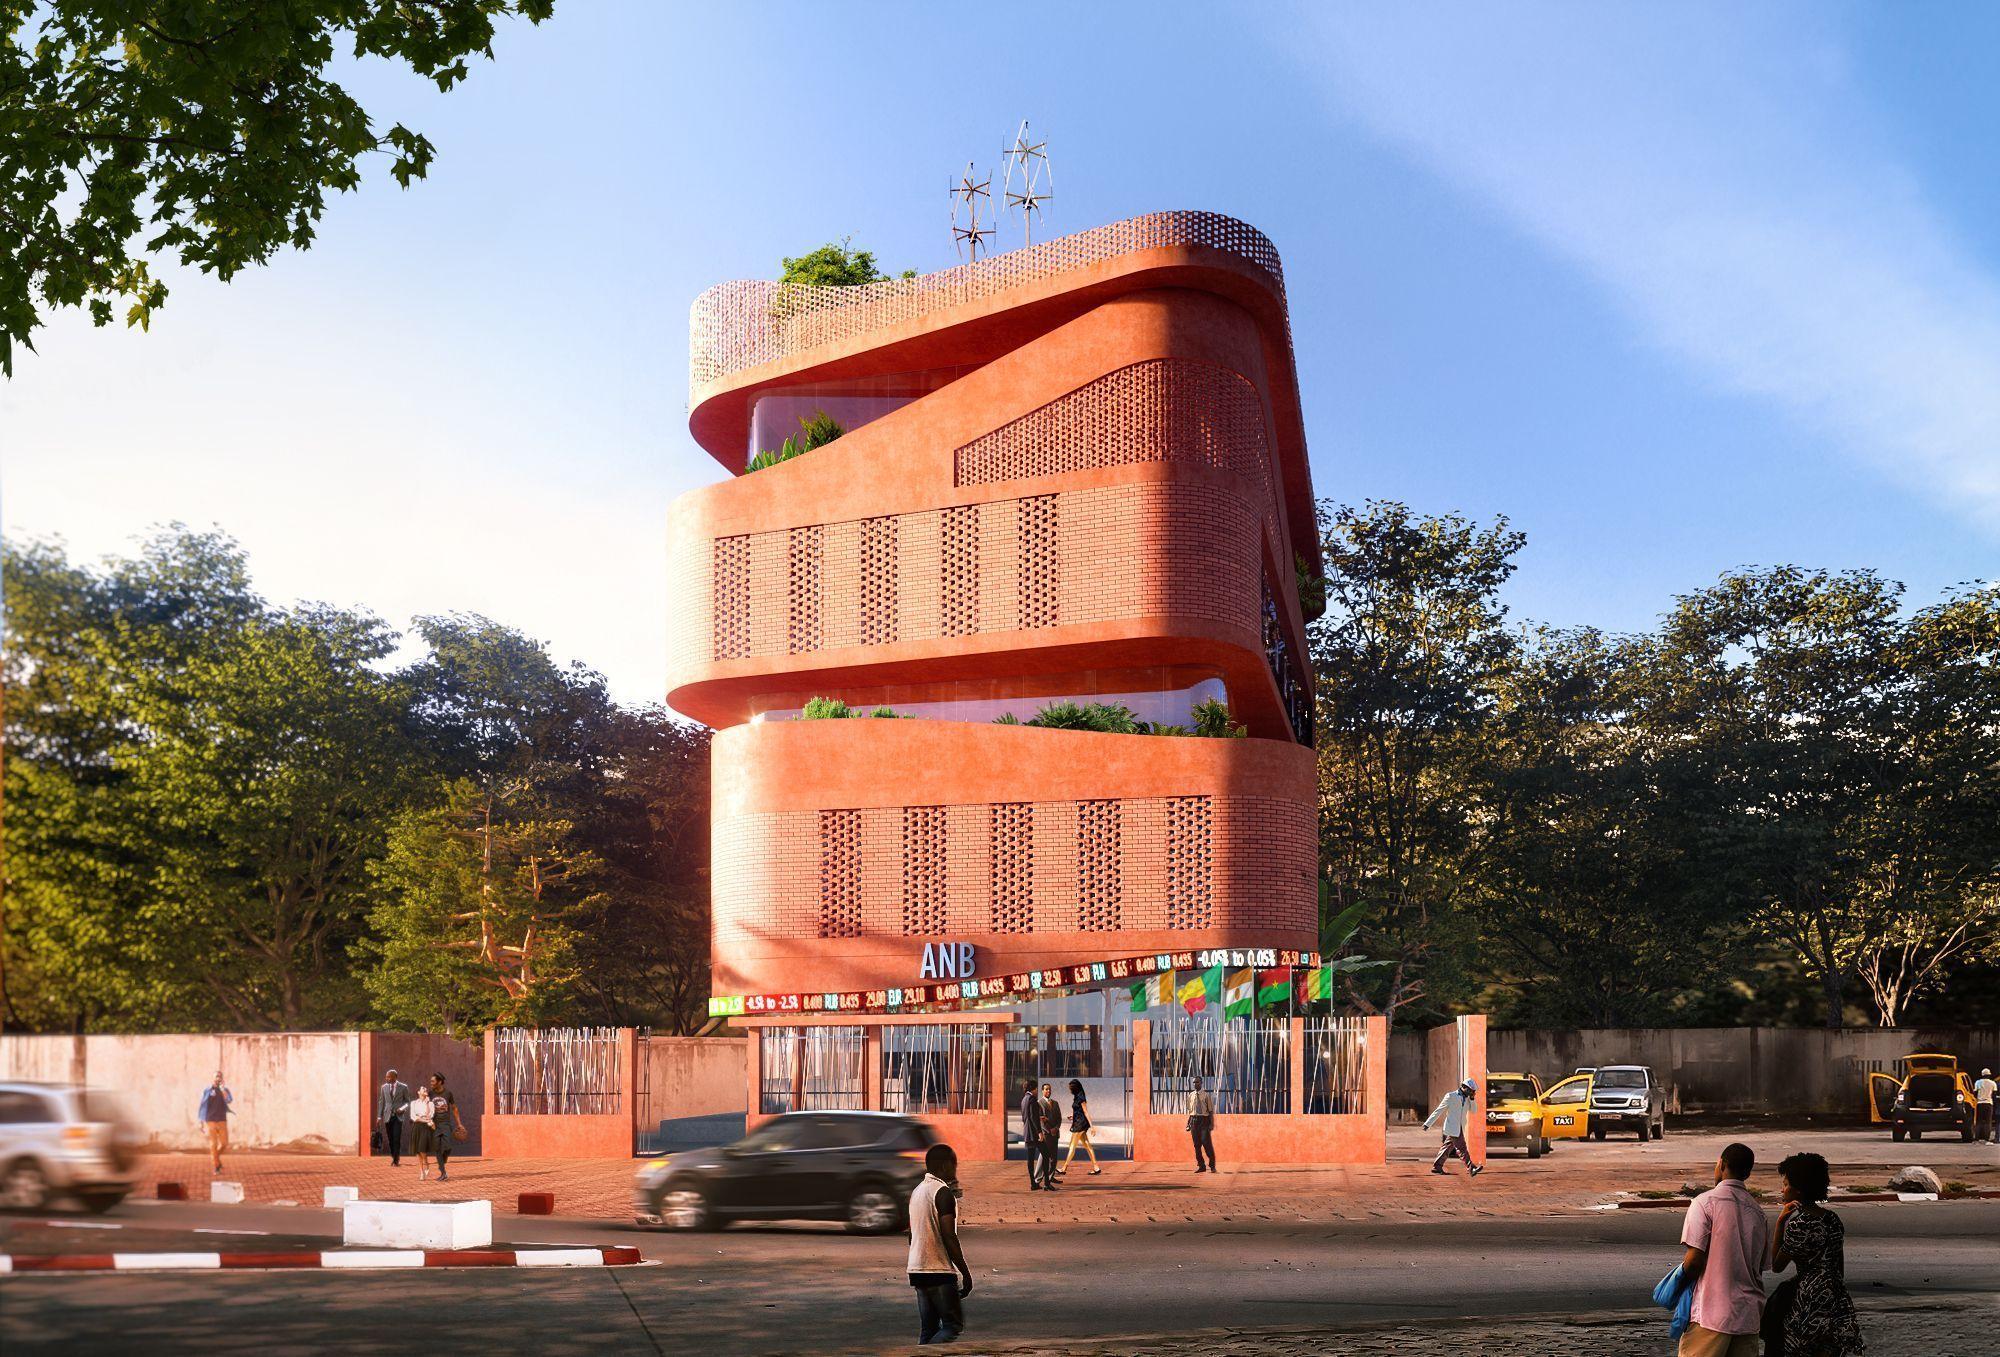 Annexe de la Bourse Régionale des Valeurs Mobilières à Cotonou